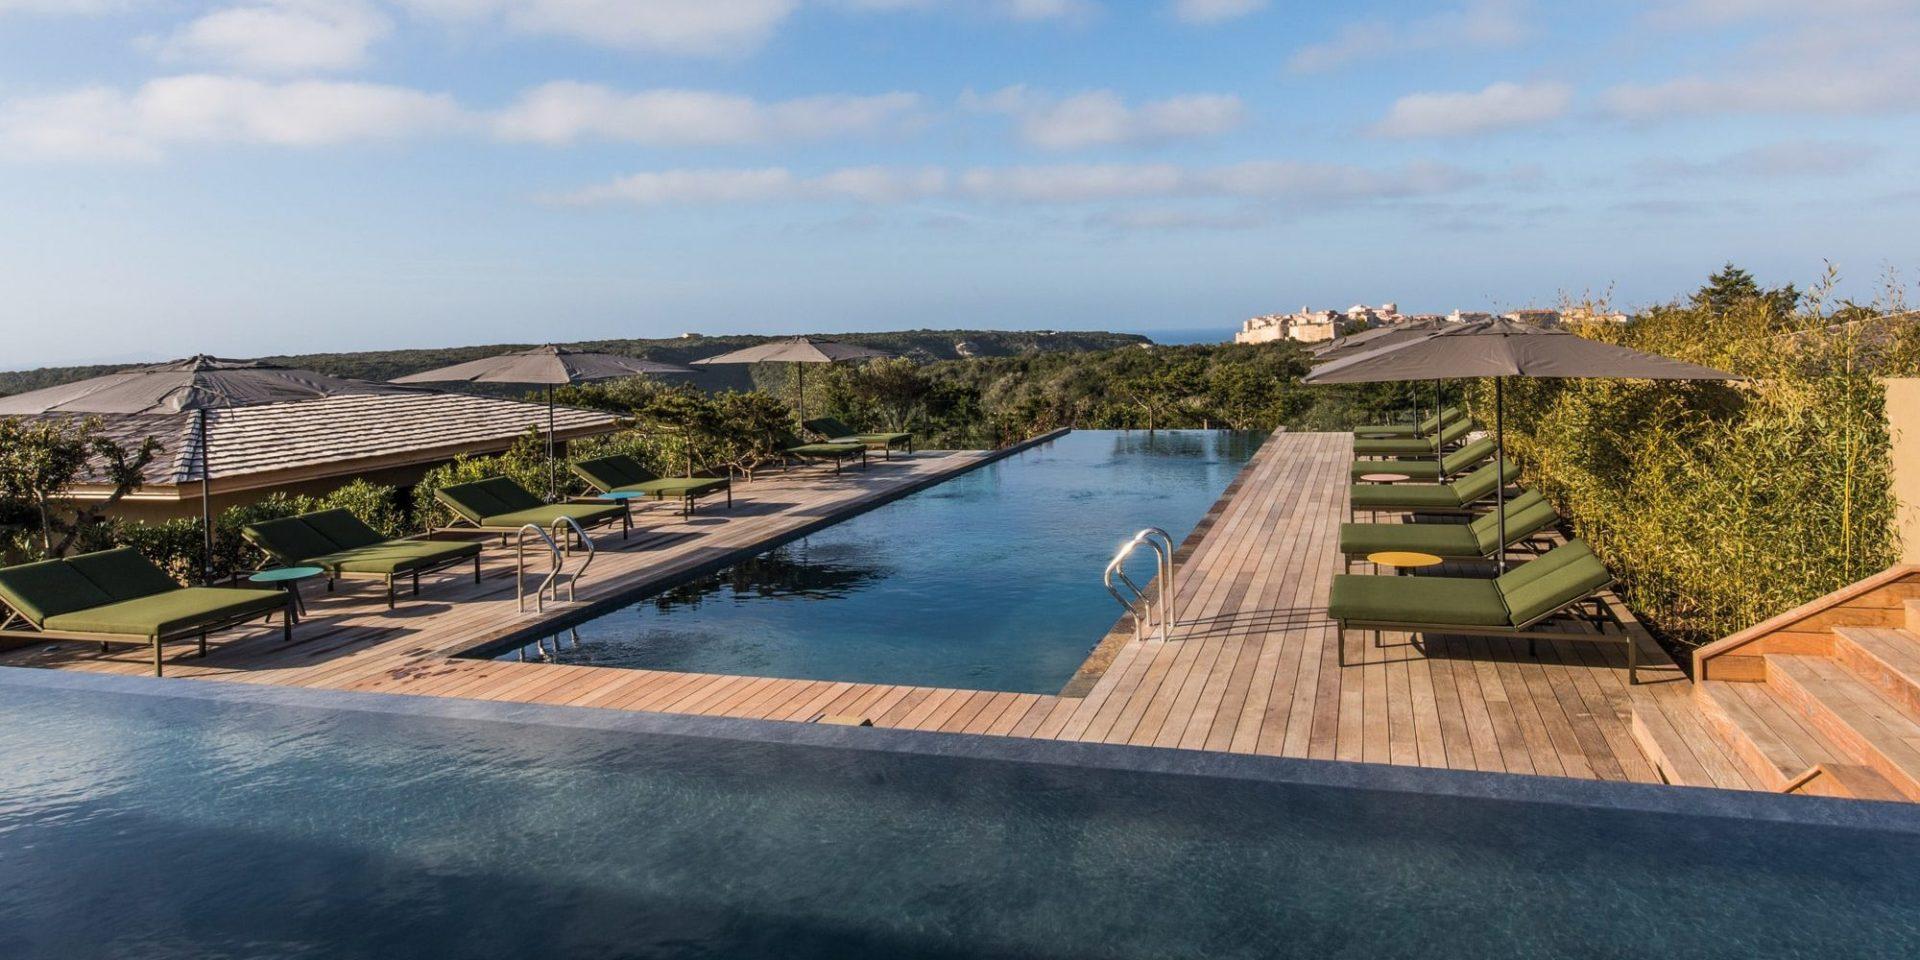 Hotel Version Maquis Citadelle Bonifacio Corsica Frankrijk zwembad infinity-pool uitzicht citadel luxe